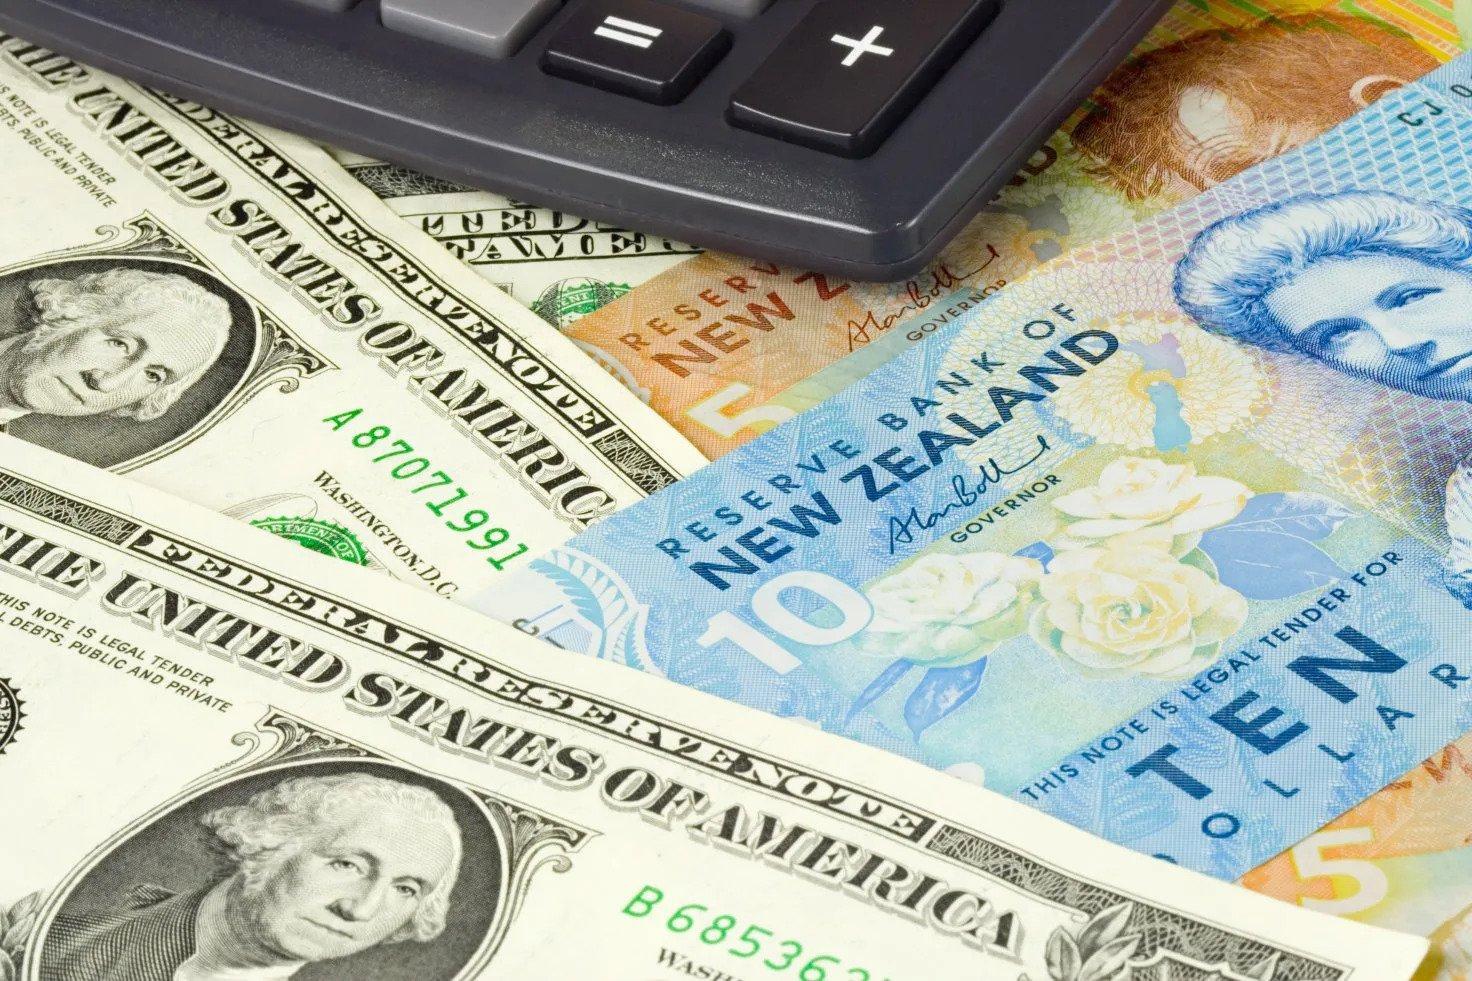 NZD có thể sẽ vượt mốc 0.7 USD do viễn cảnh chính sách lãi suất âm dần suy yếu